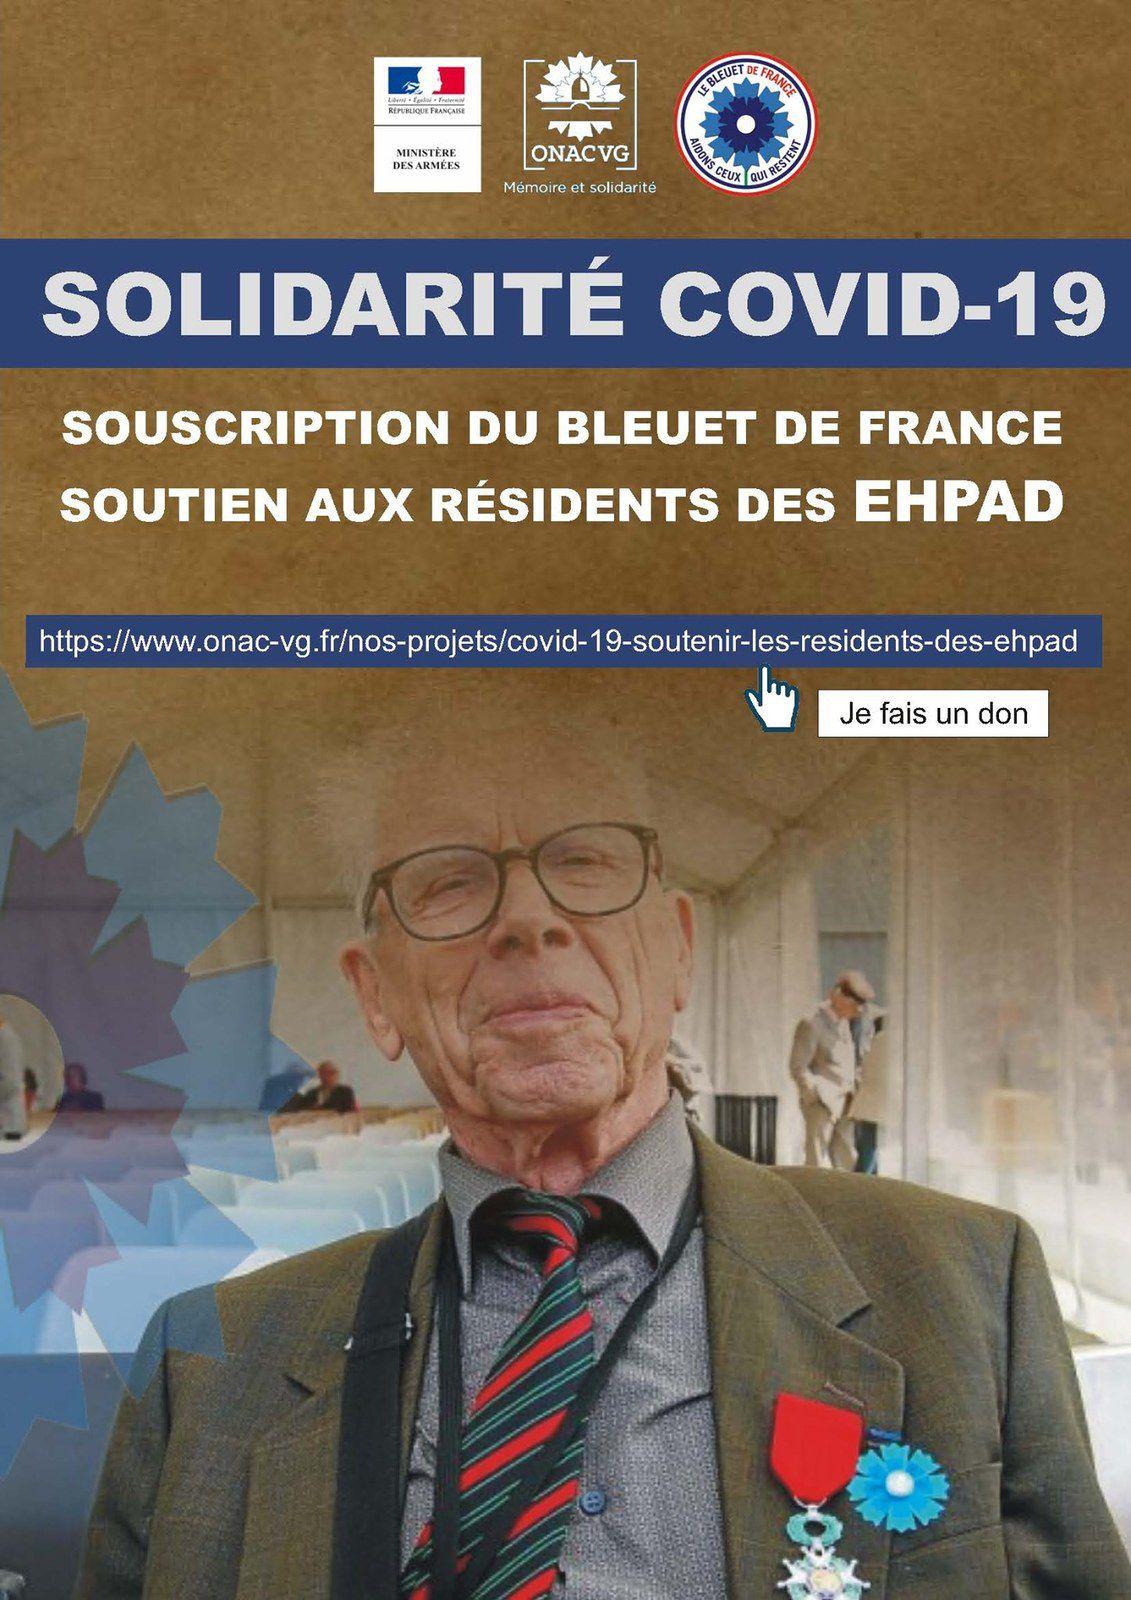 ONACVG // Solidarité COVID 19